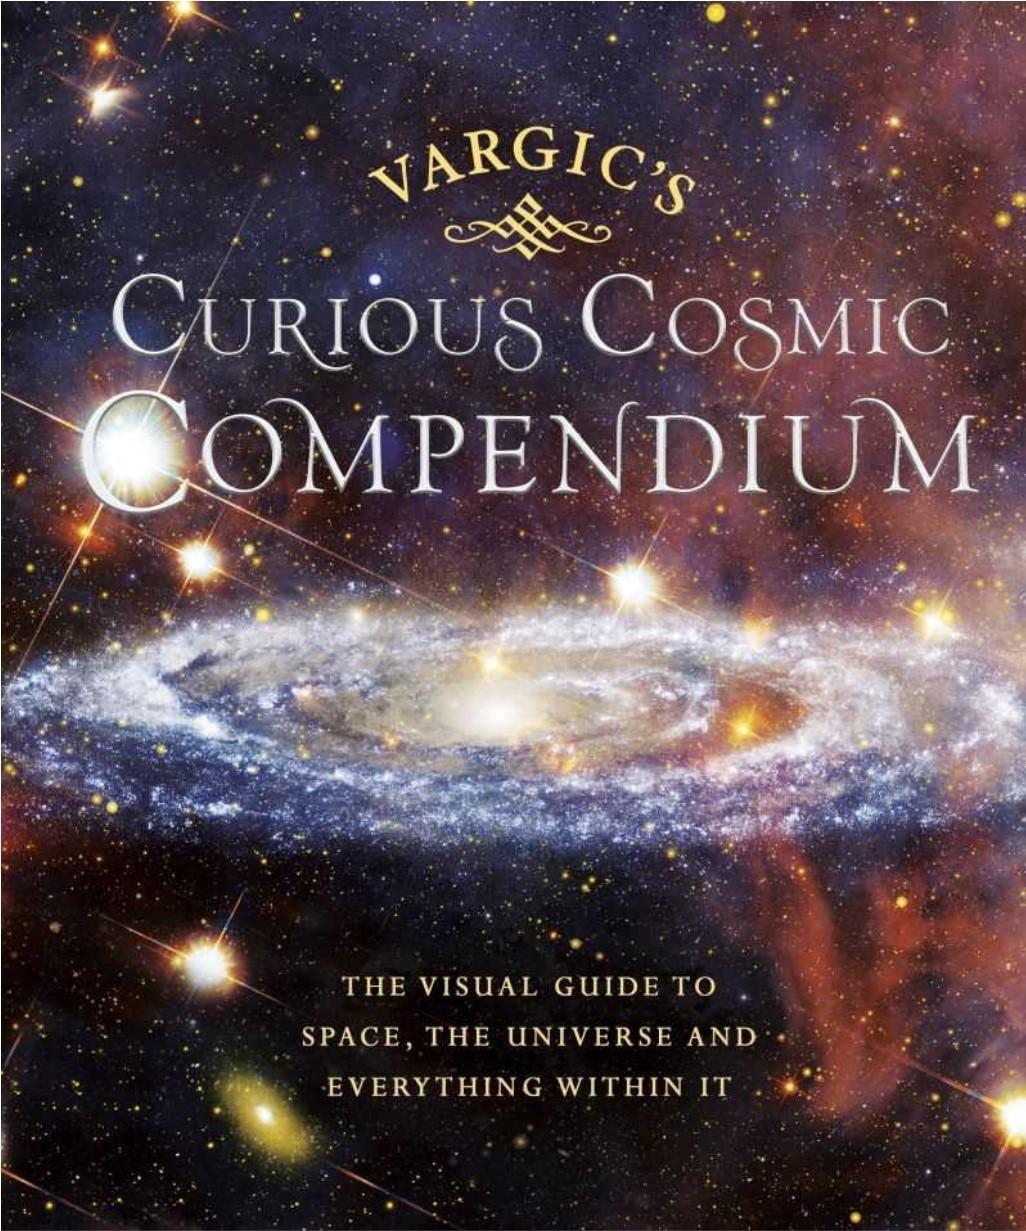 Vargic's CuriousCosmicCompendium